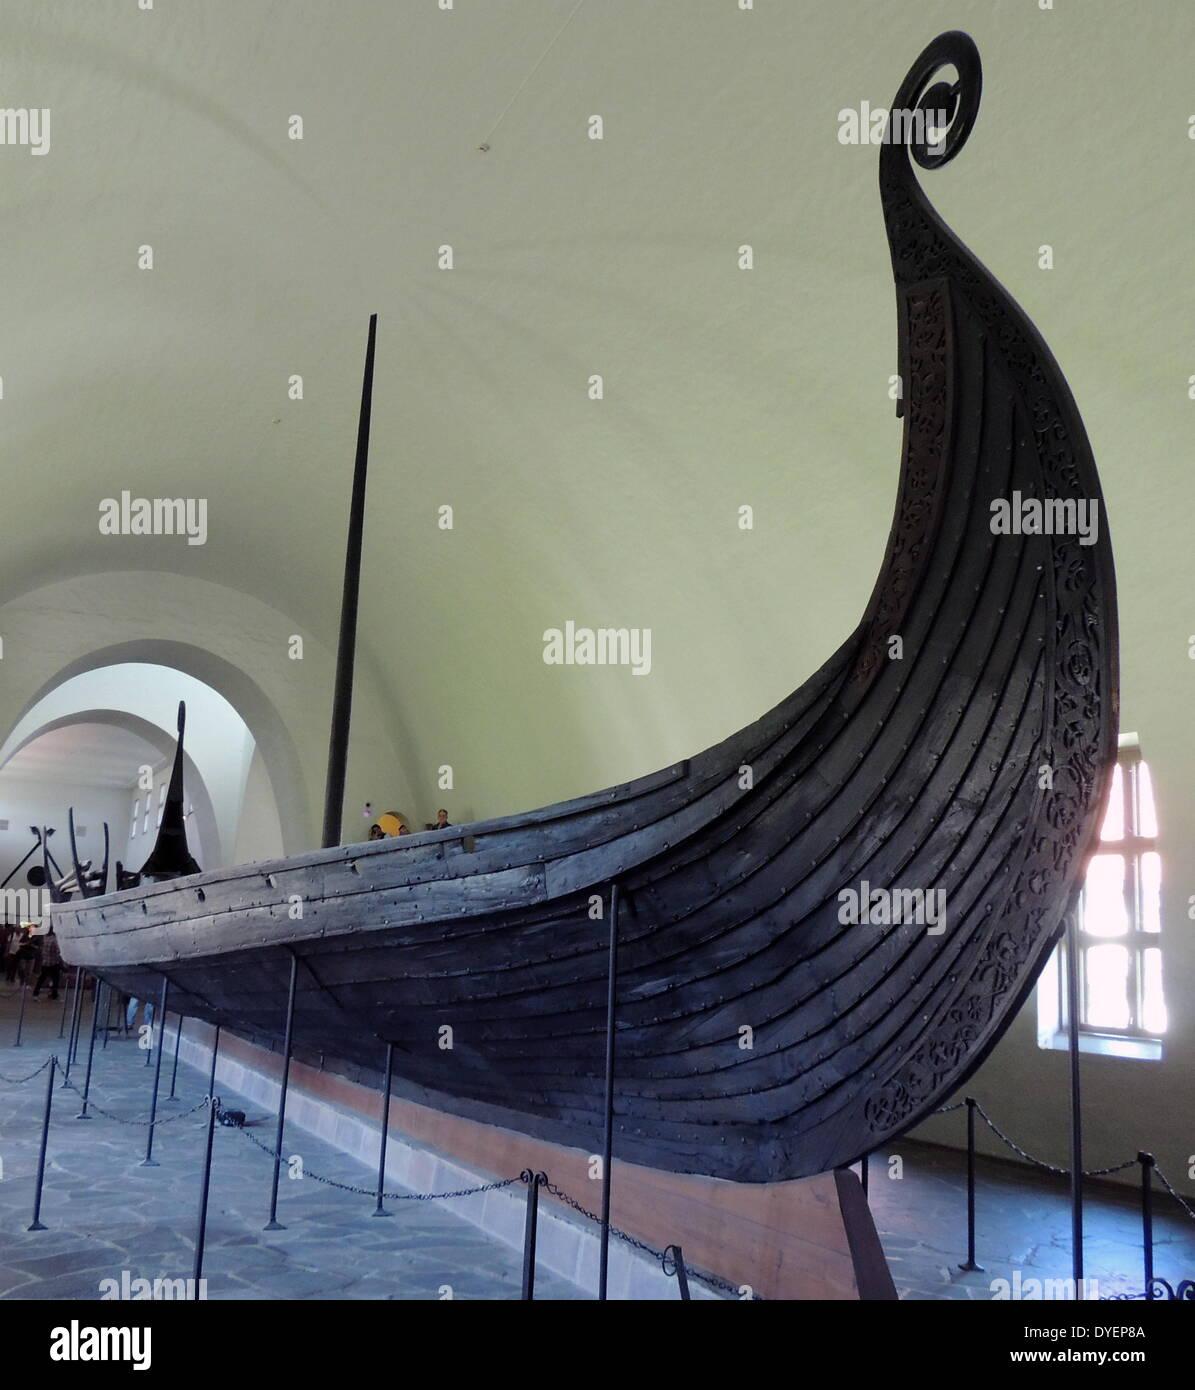 Ship dating